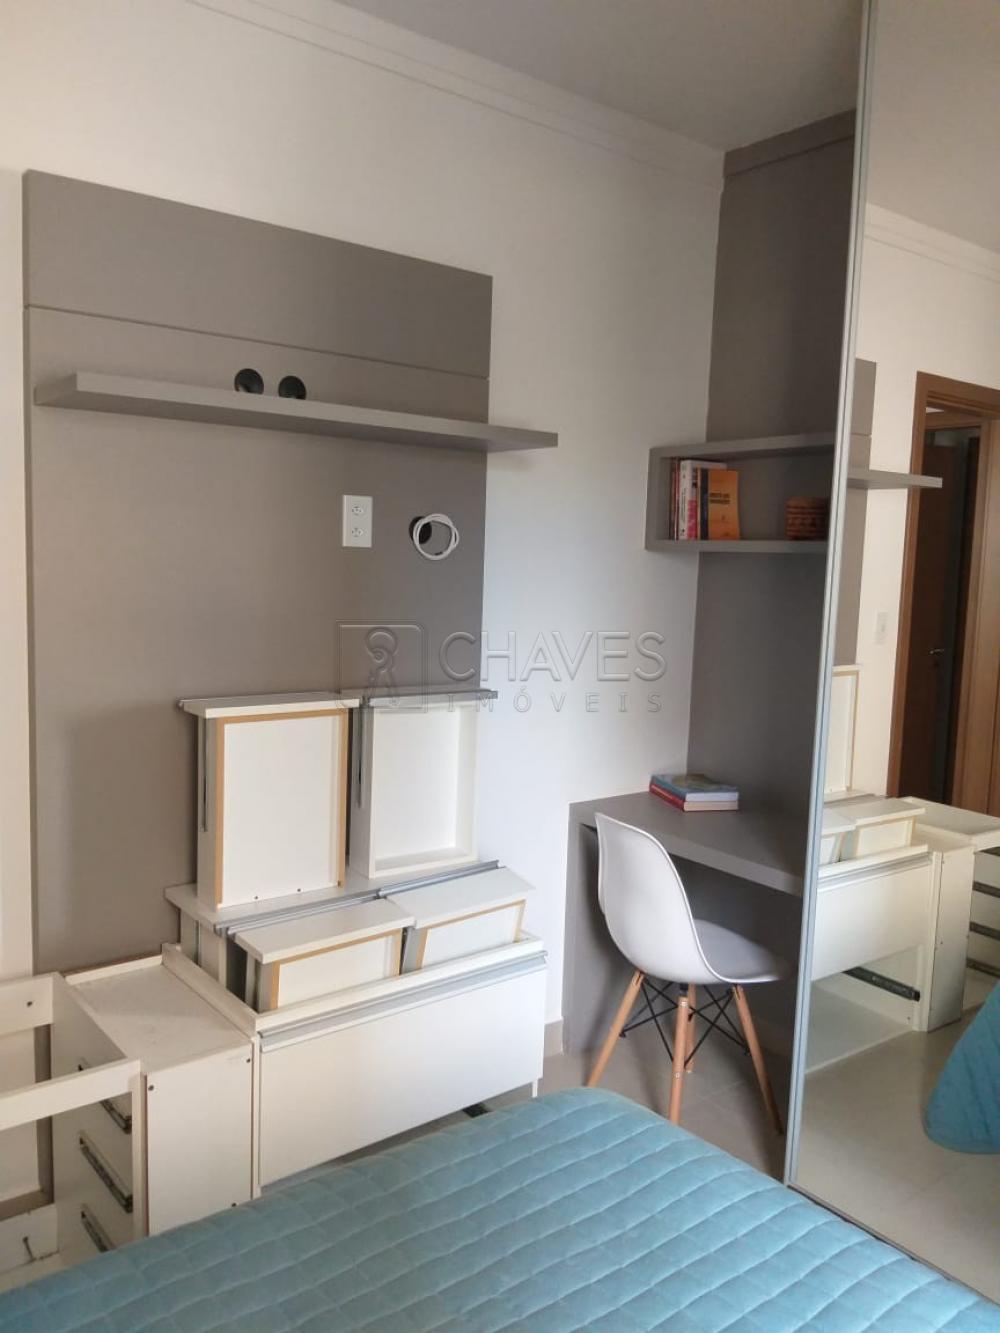 Comprar Apartamento / Padrão em Ribeirão Preto apenas R$ 586.450,00 - Foto 10